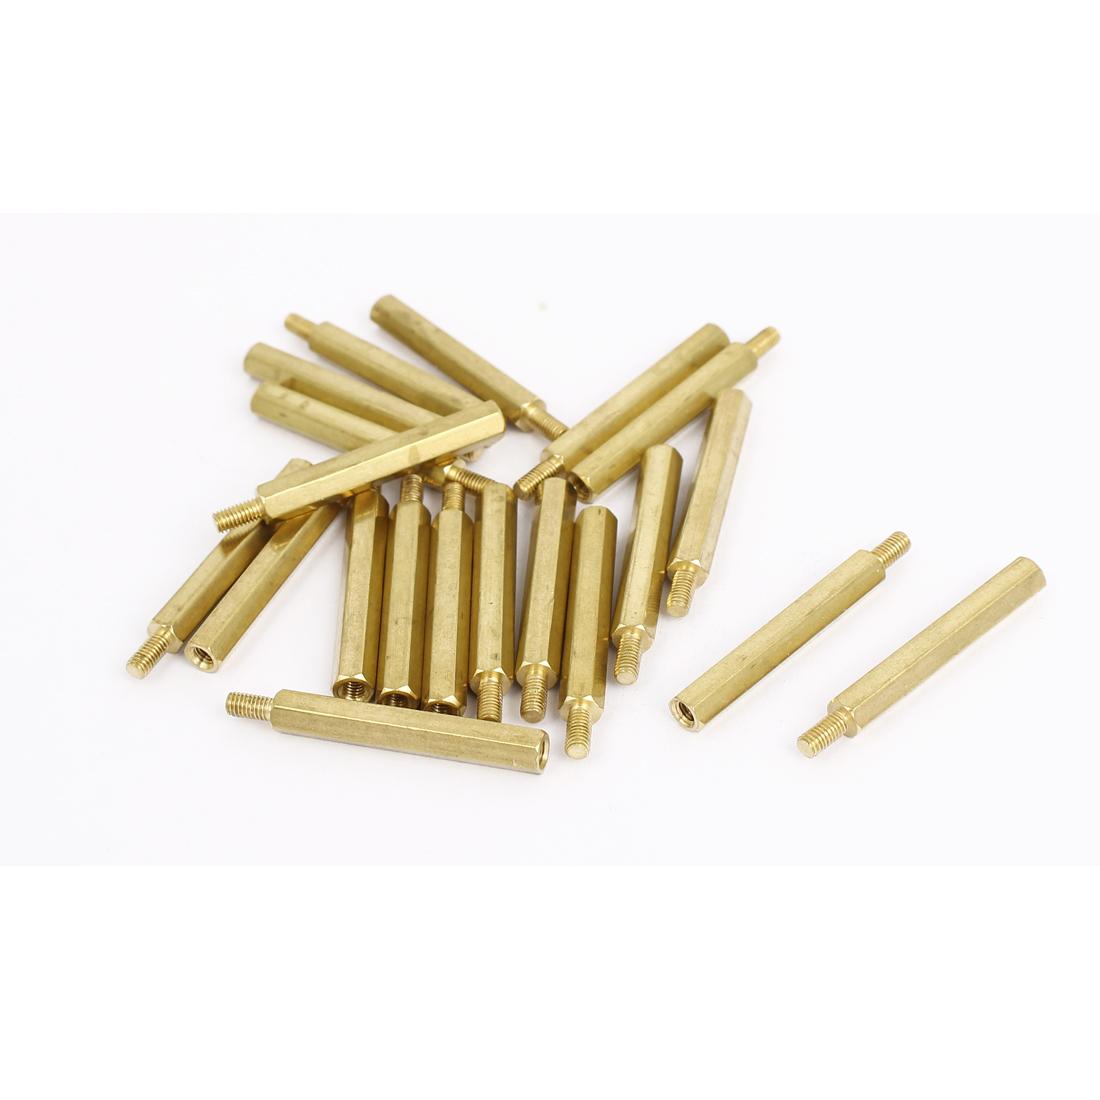 M3 Female x Male Brass Hexagonal Pillar Standoff Spacer Screws Bolt 32+6mm 20pcs